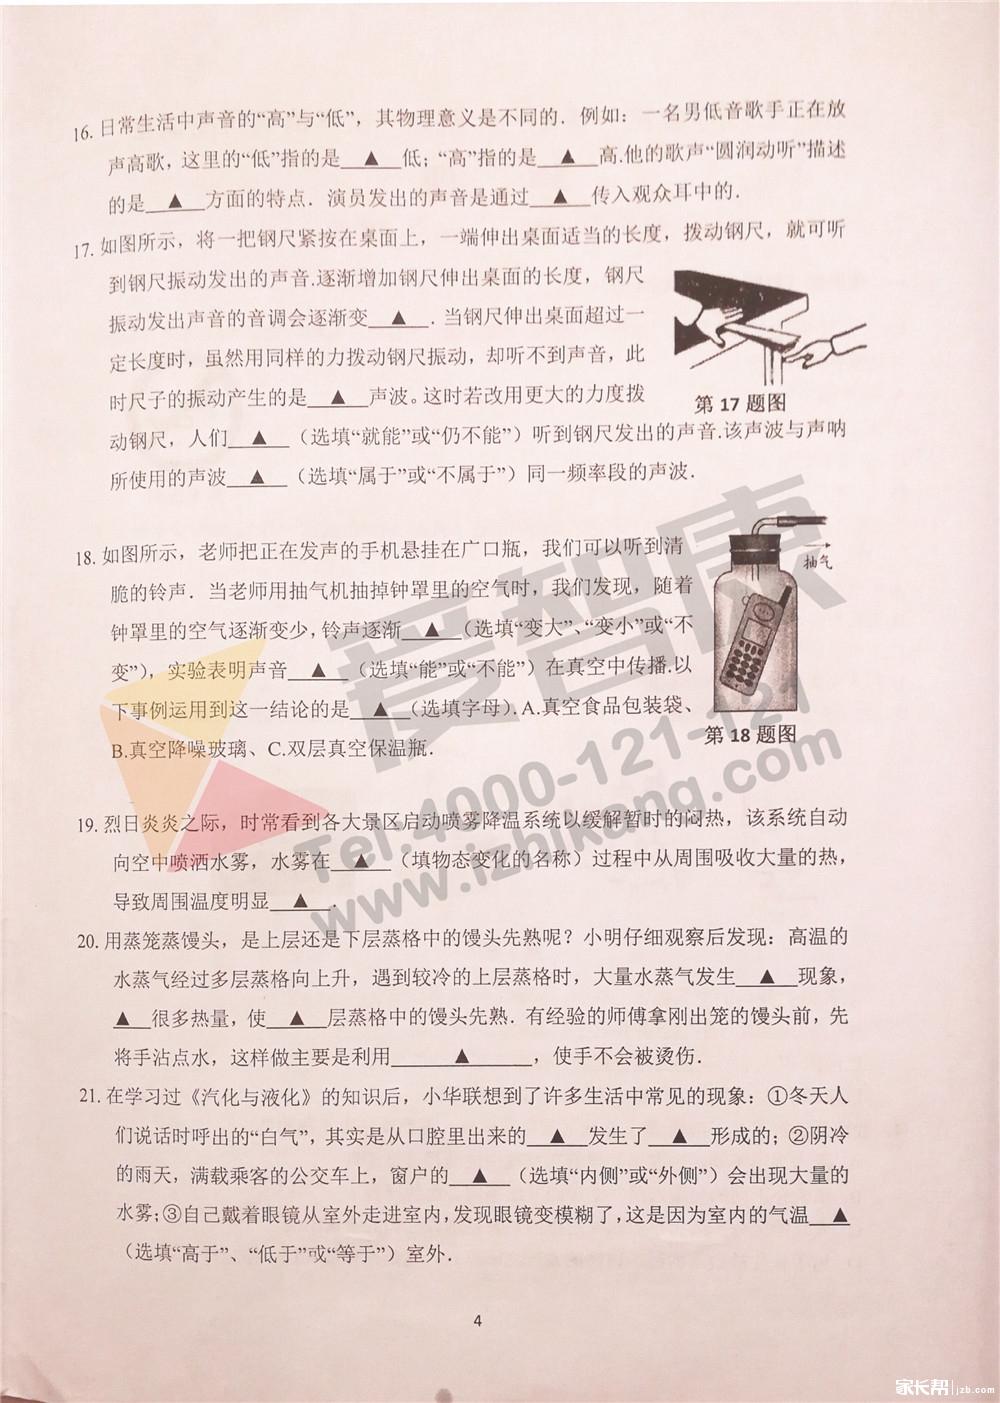 树人初二物理月考试卷-4.jpg